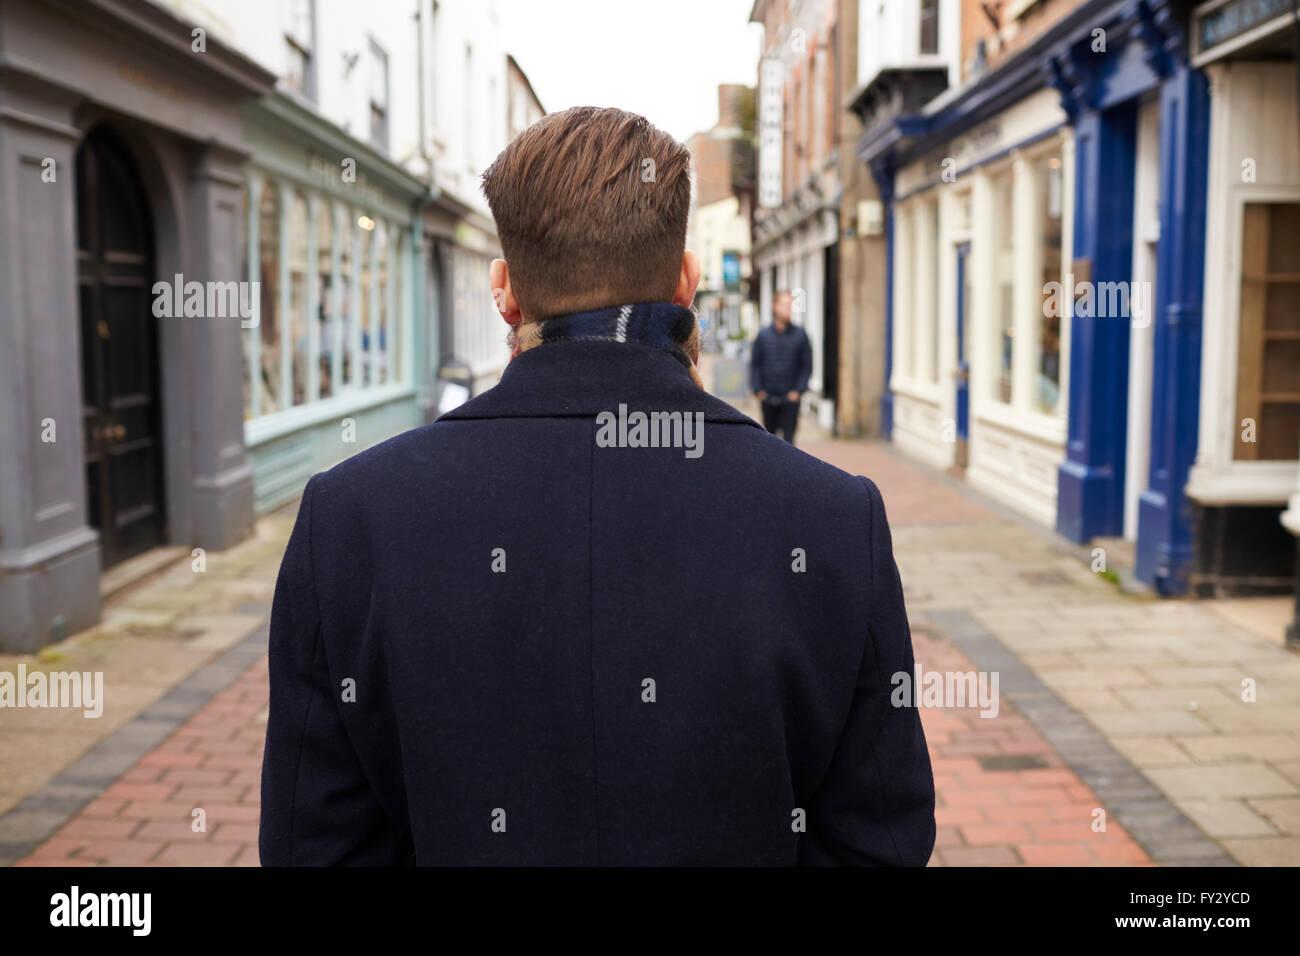 Vista posteriore del giovane di camminare per strada urbana Immagini Stock